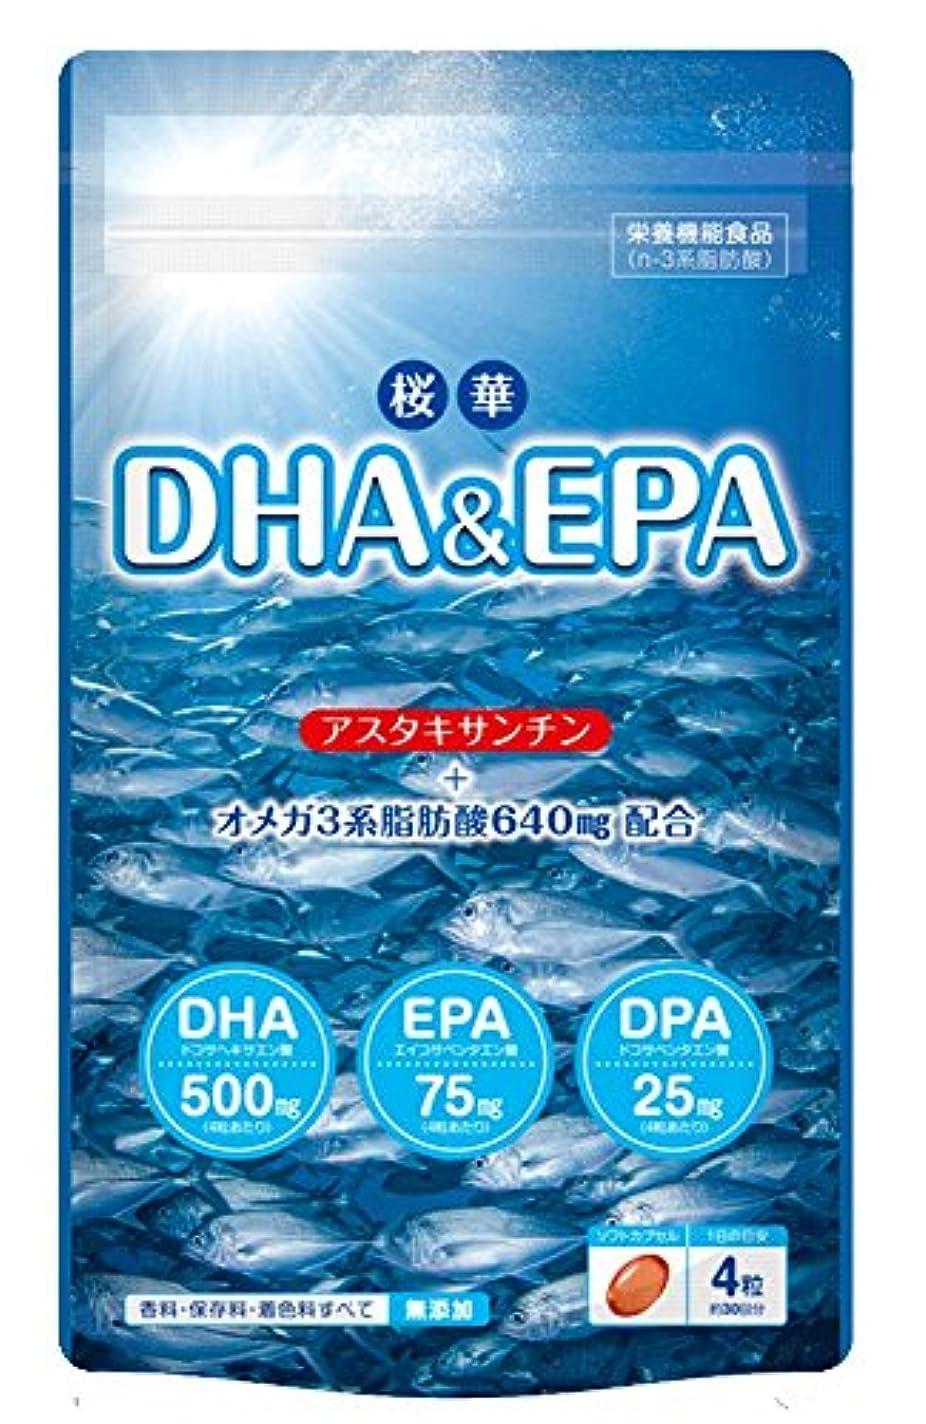 明快のヒープリスクDHA&EPA(栄養機能食品)オメガ3系脂肪酸640mg配合+アスタキサンチン 香料?保存料?着色料すべて無添加 (120粒入り)送料無料